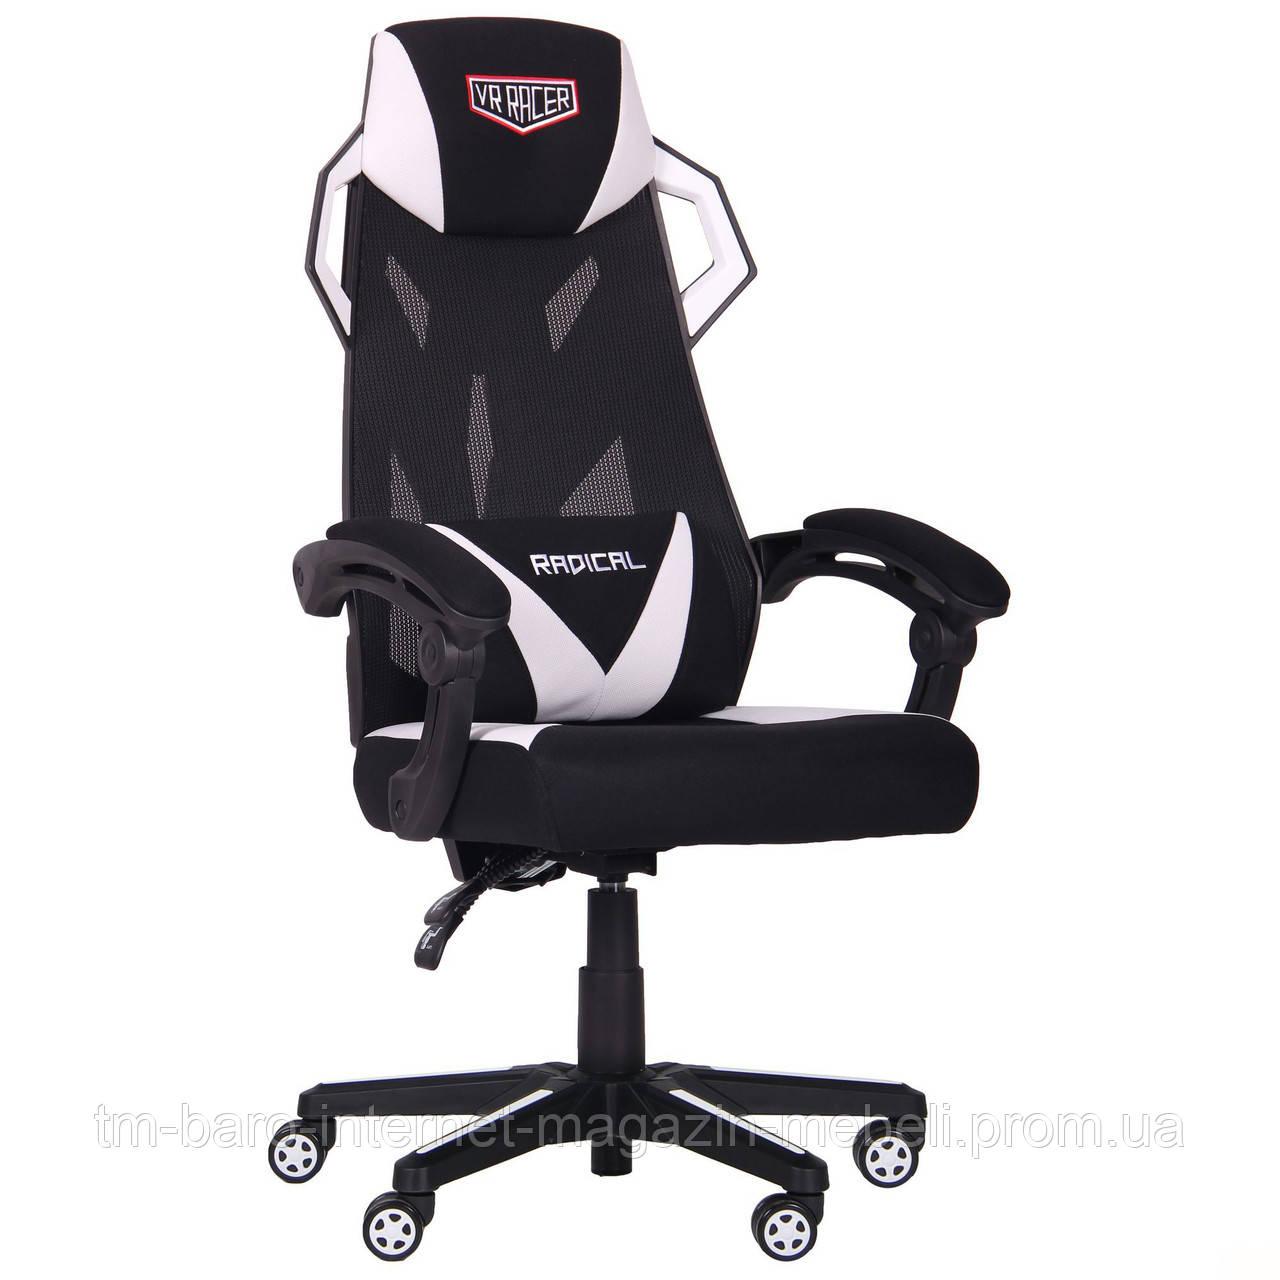 Кресло VR Racer Radical Taylor черный/белый, Бесплатная доставка